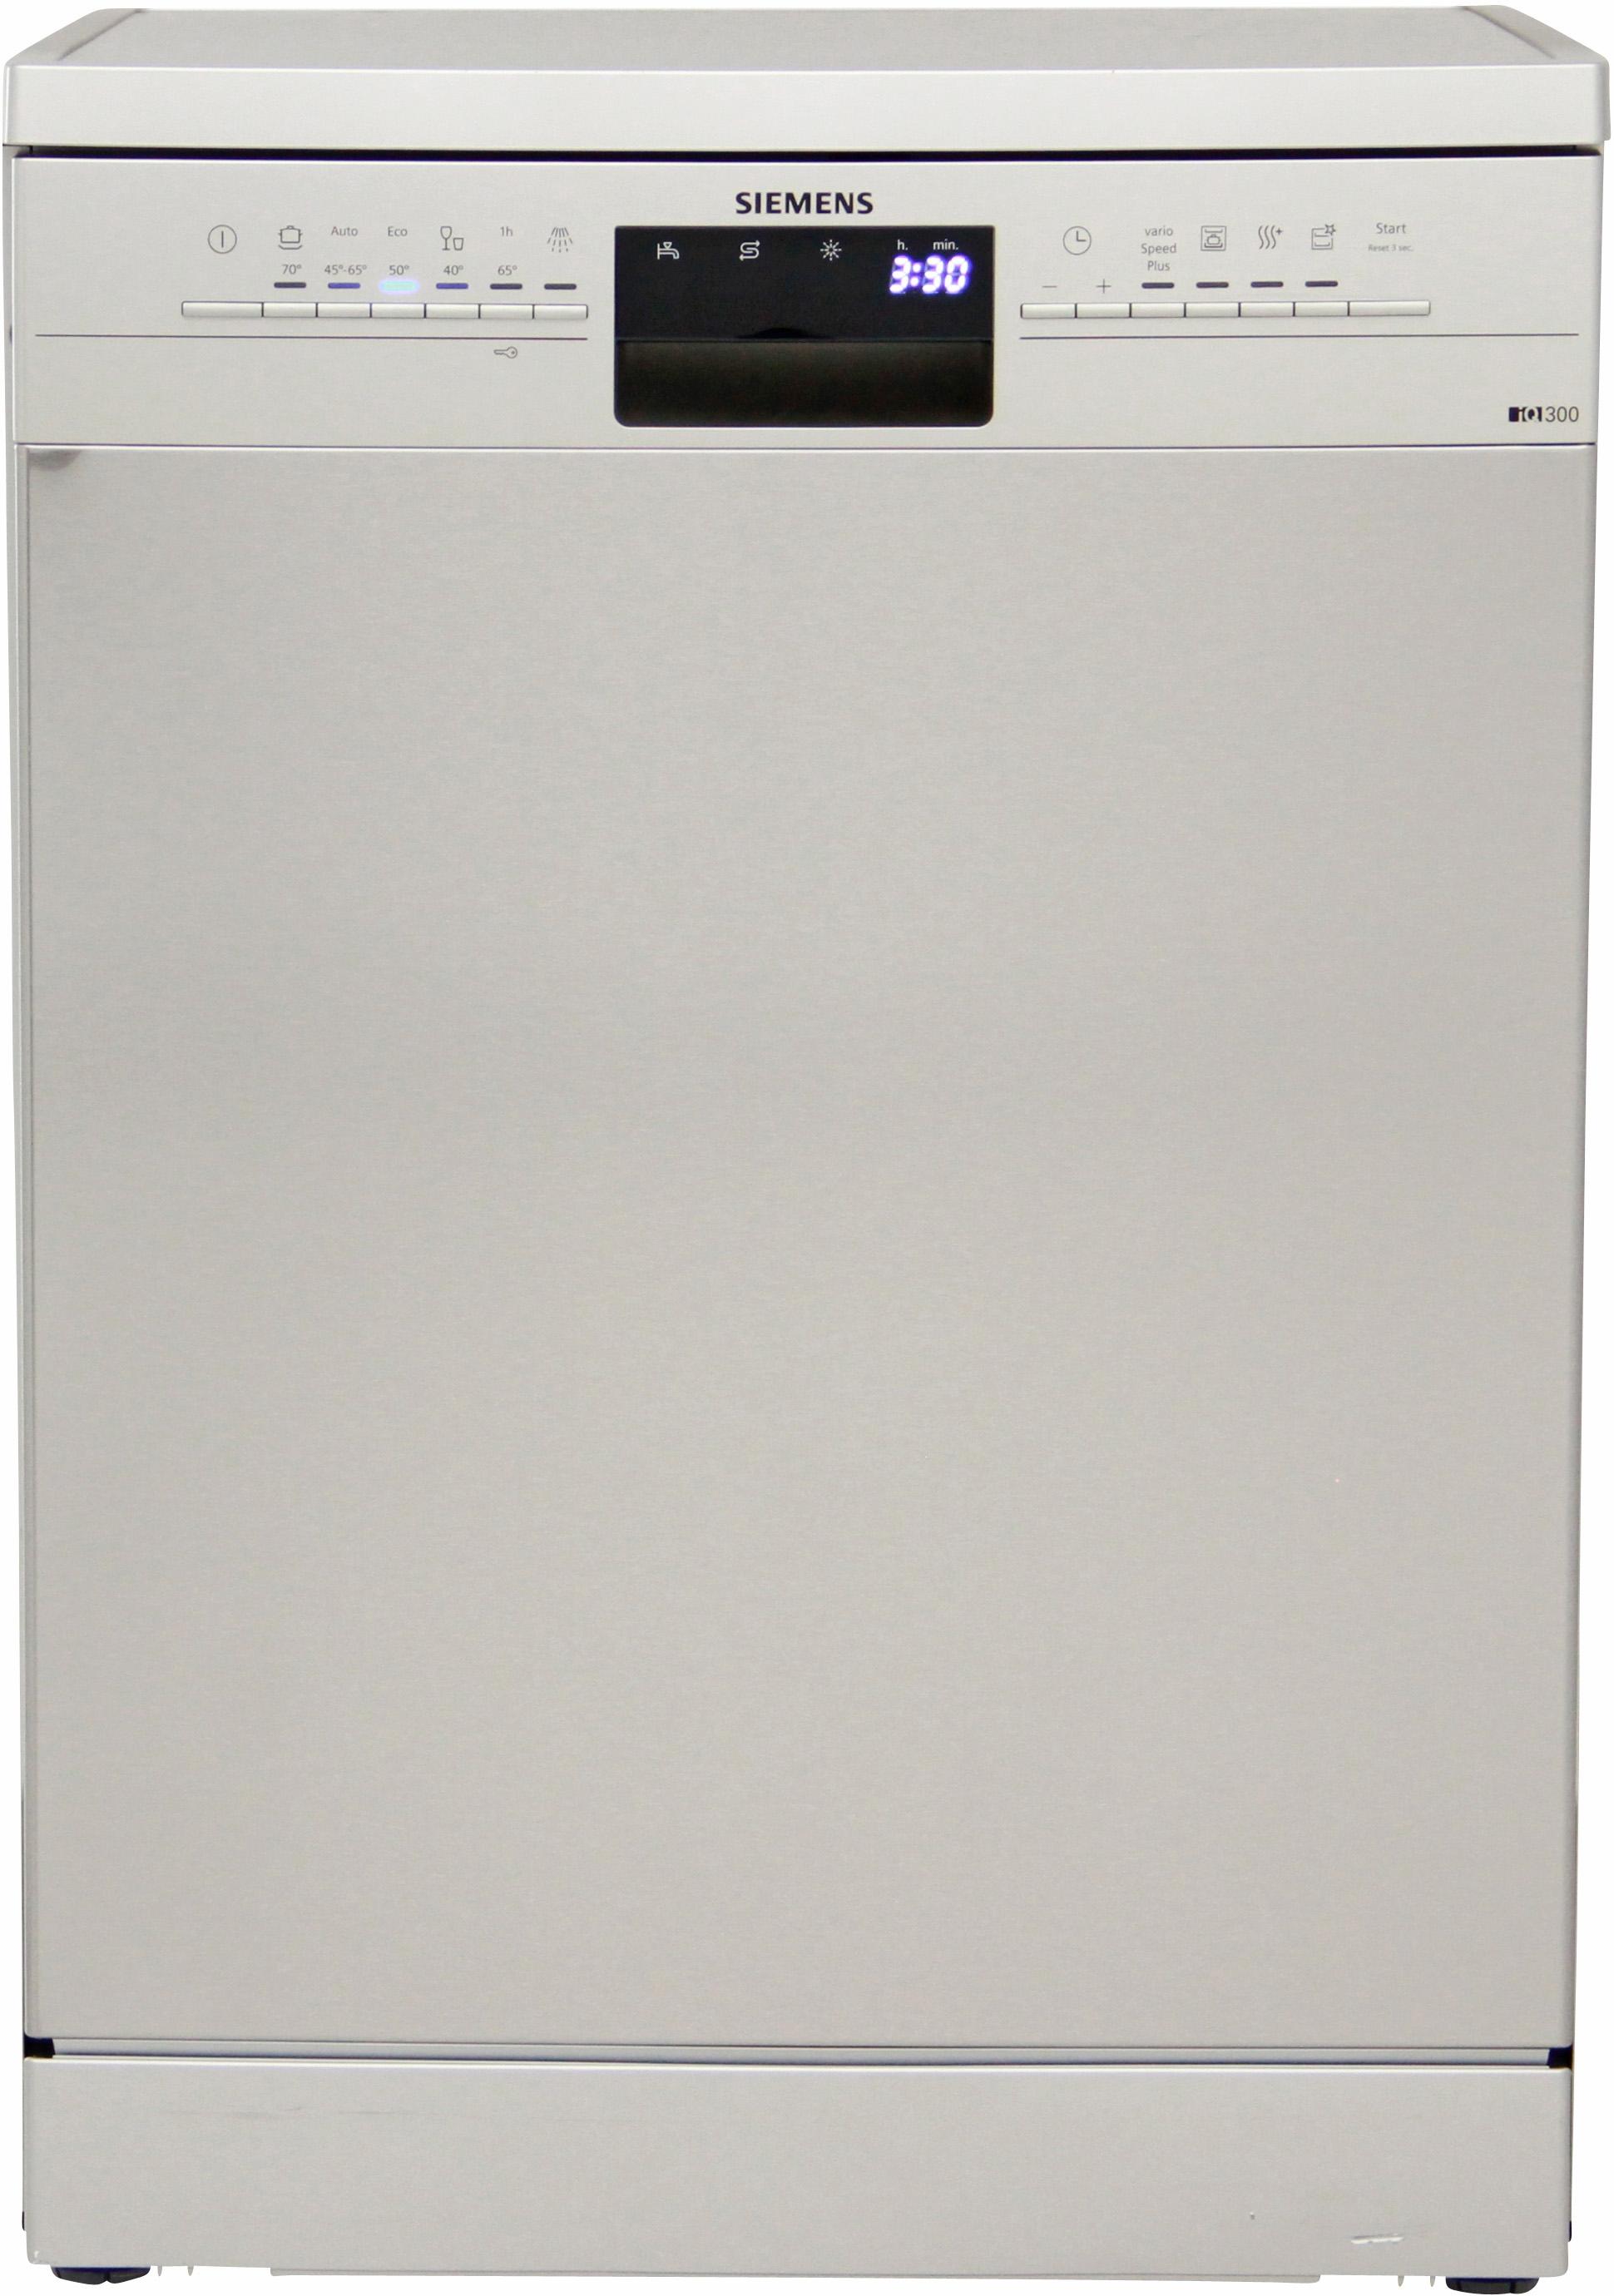 I dettagli del test sulla lavastoviglie SIEMENS SN236I01KE